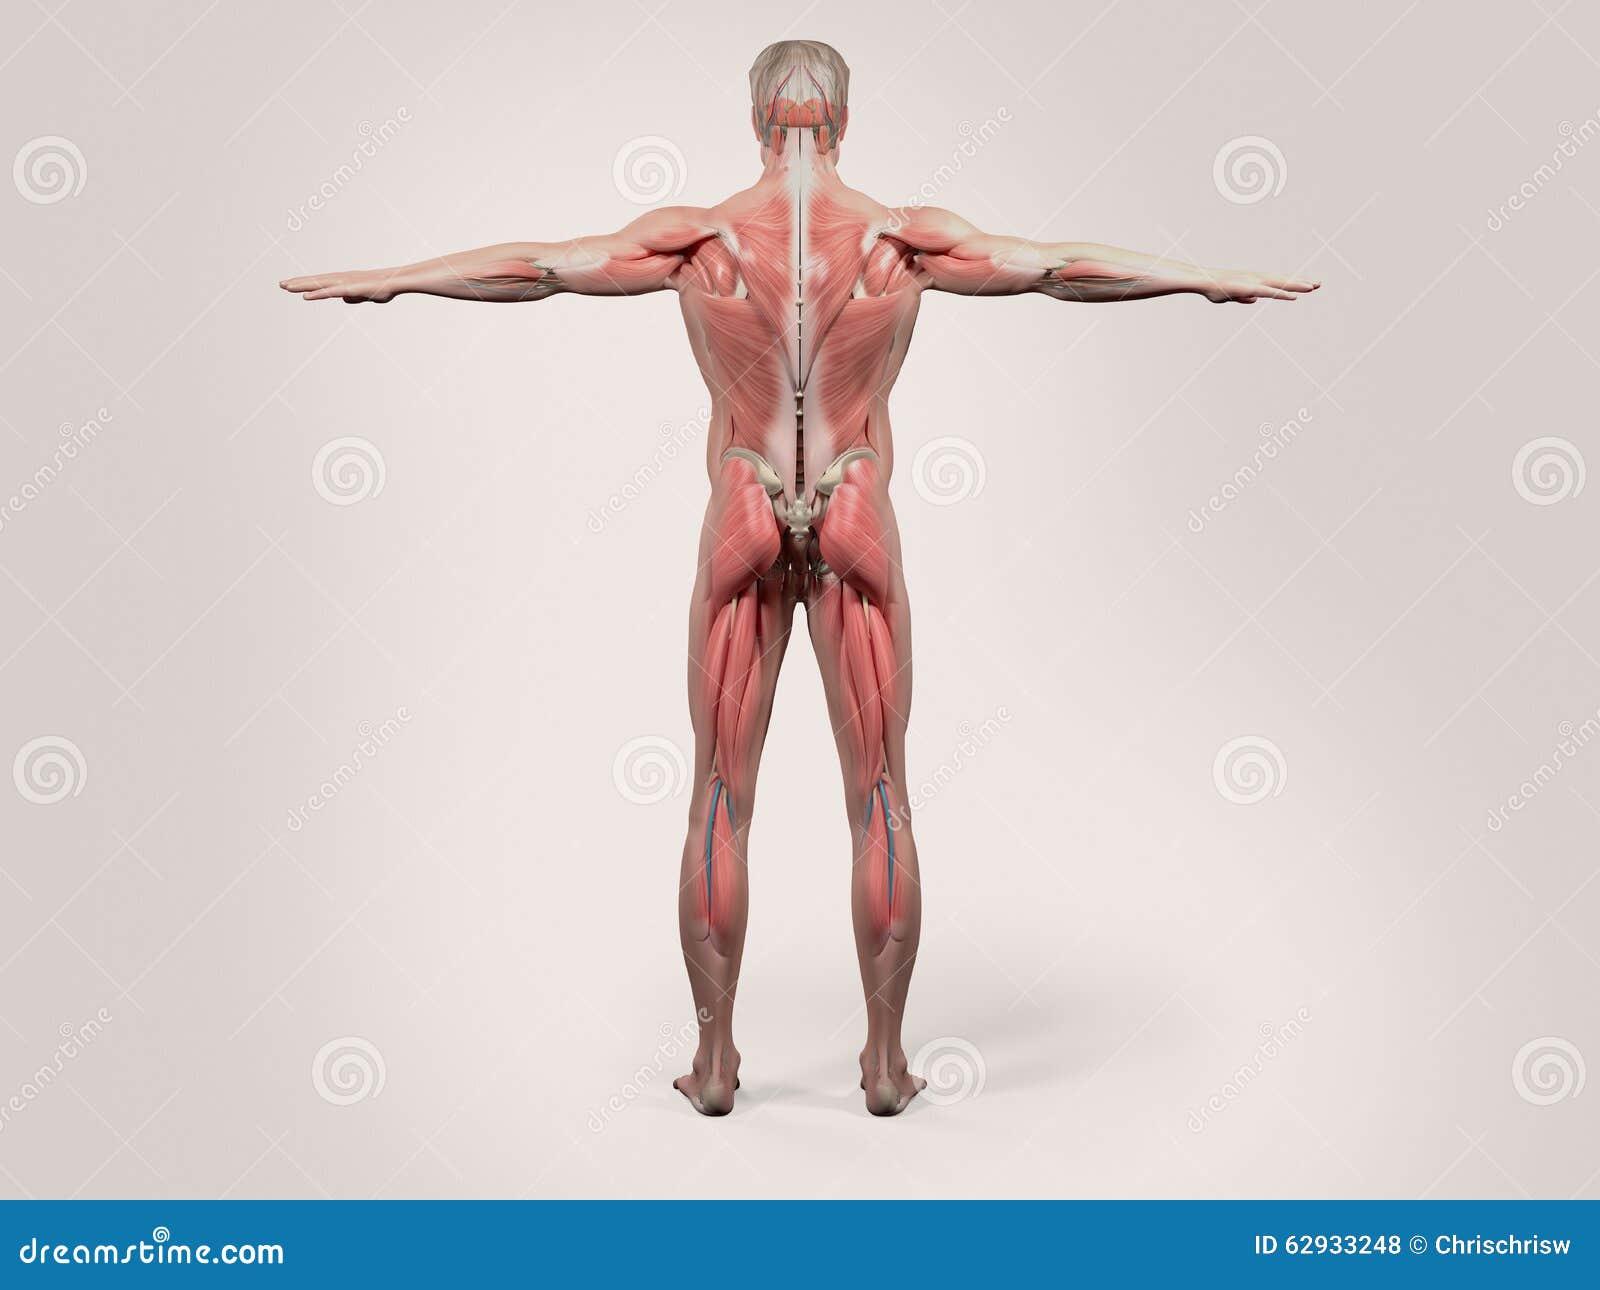 Magnífico Superiores Anatomía Imágenes Traseras Motivo - Anatomía de ...